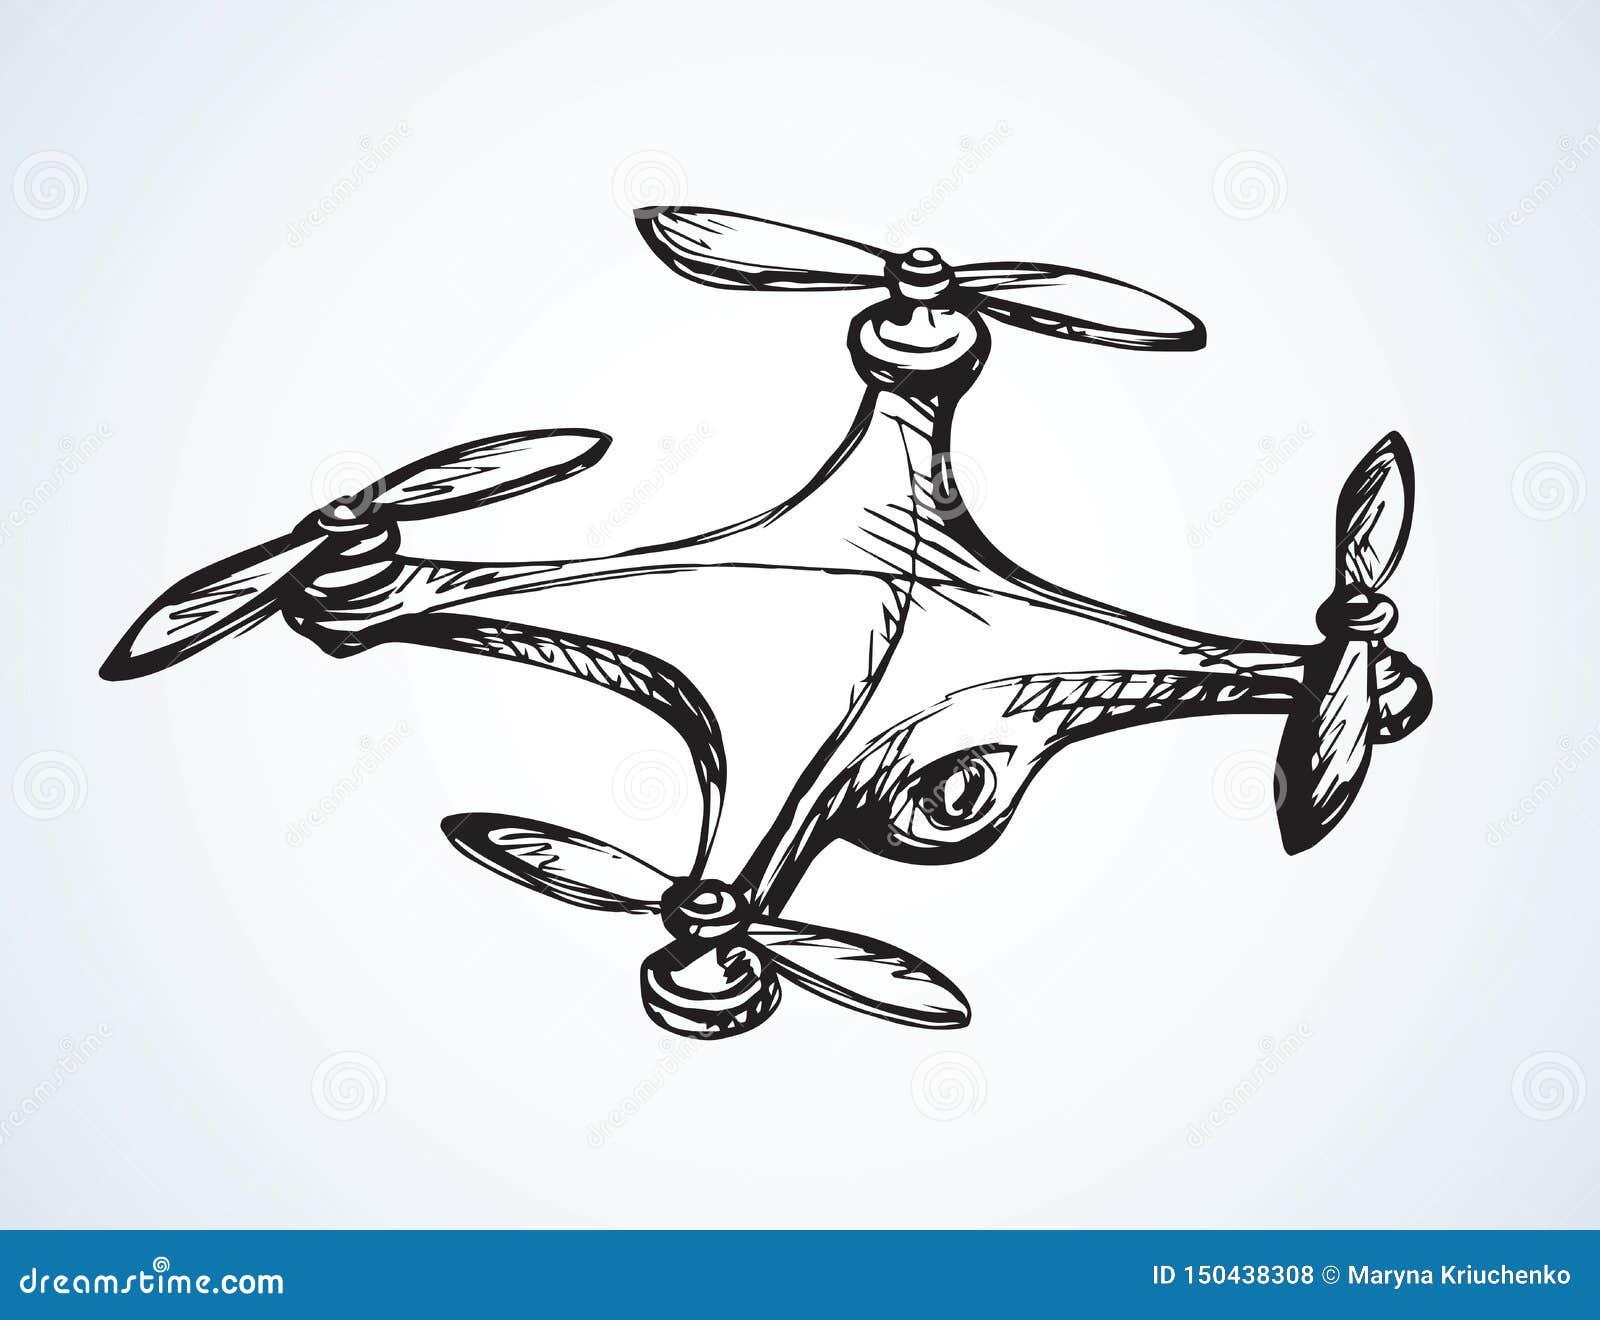 Drone In Flight Vector Drawing Stock Vector Illustration